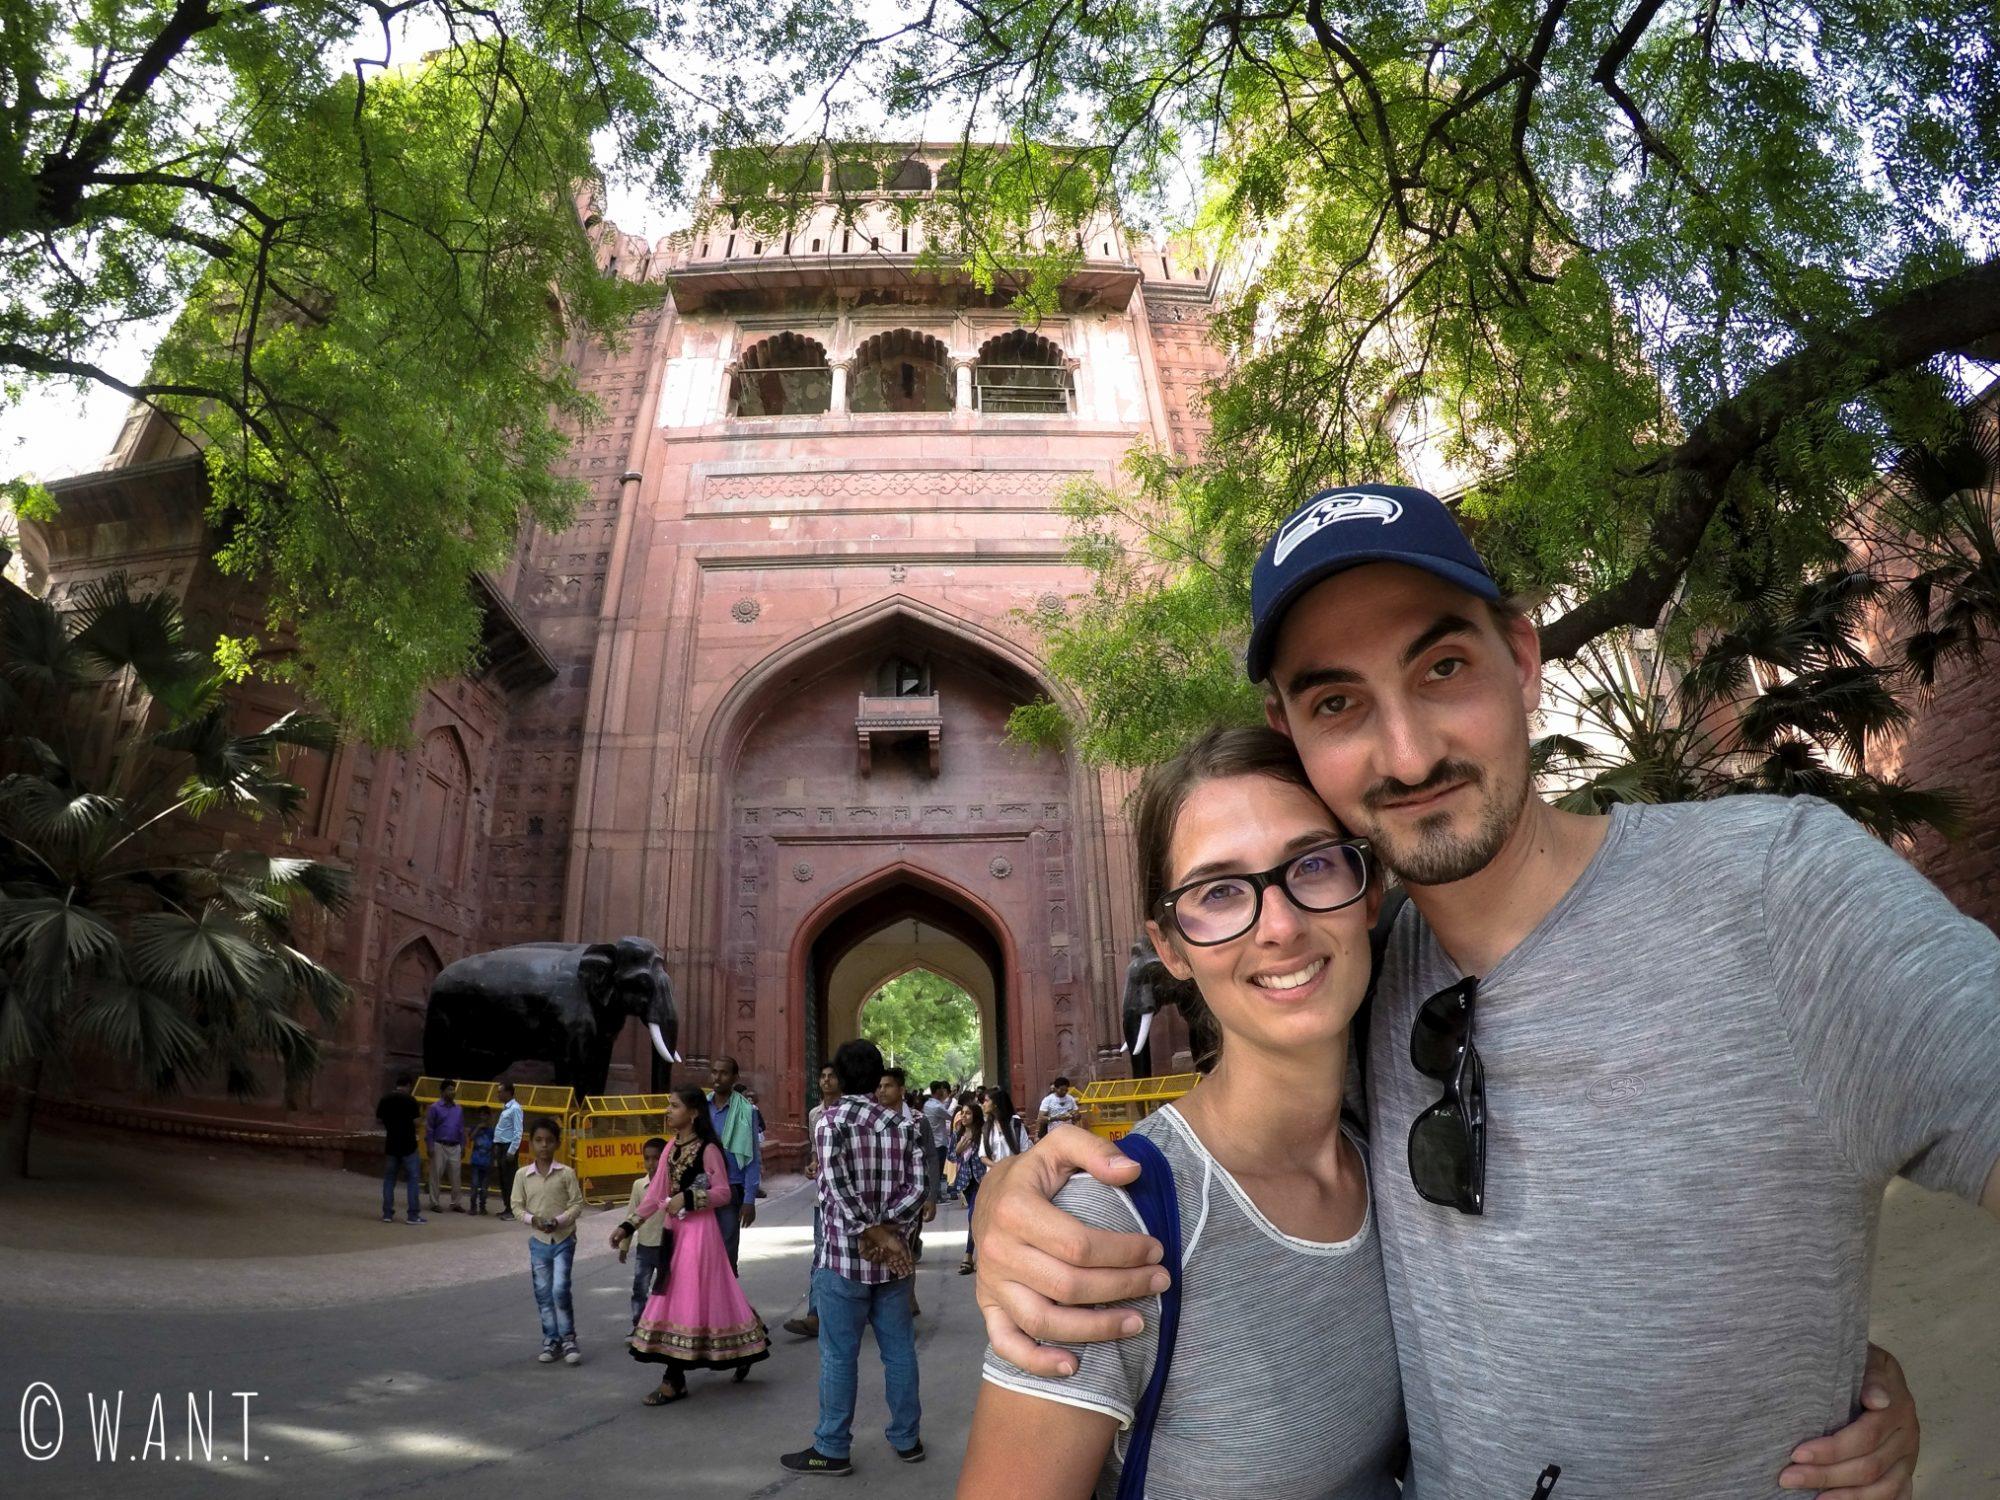 Après avoir pris 53 selfies avec des locaux, il nous en fallait bien un tous les deux devant le Fort Rouge de Delhi